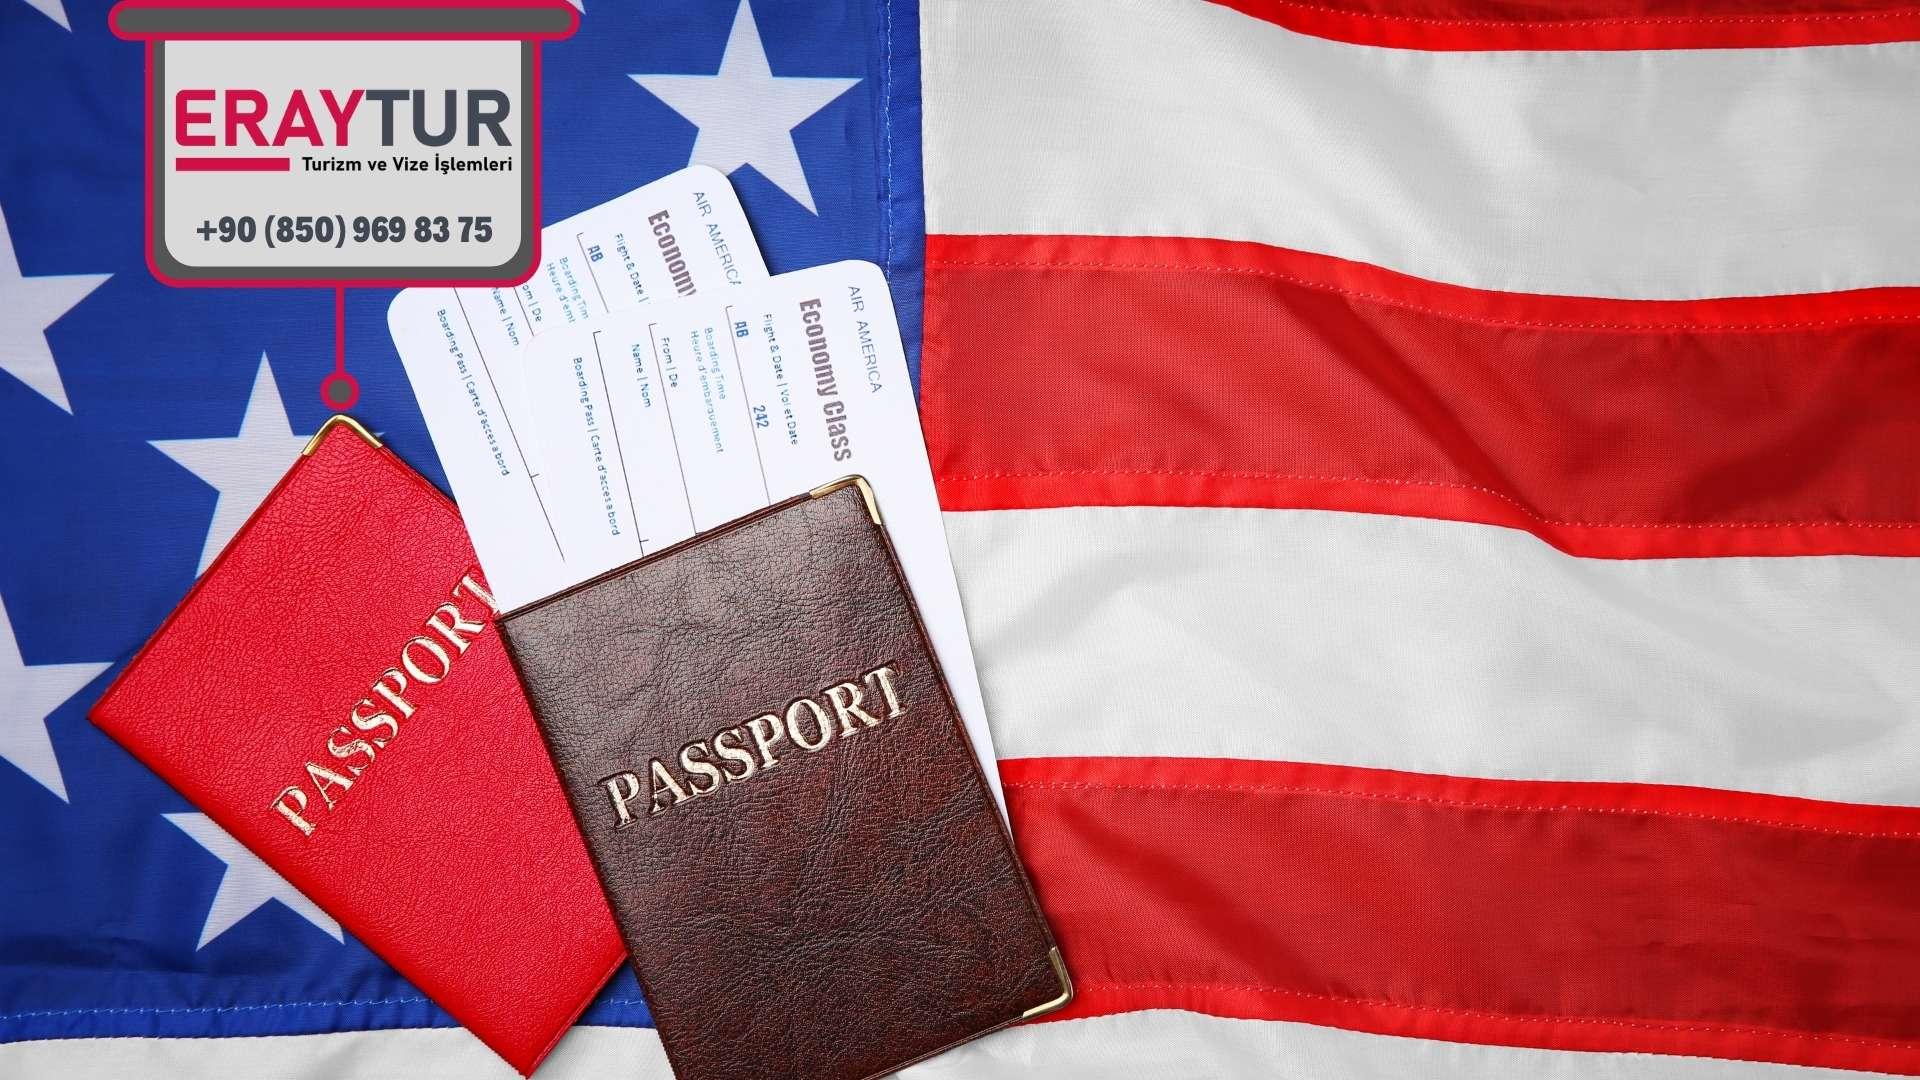 Amerika Turistik Vizesi Kamu Çalışanı Evrakları